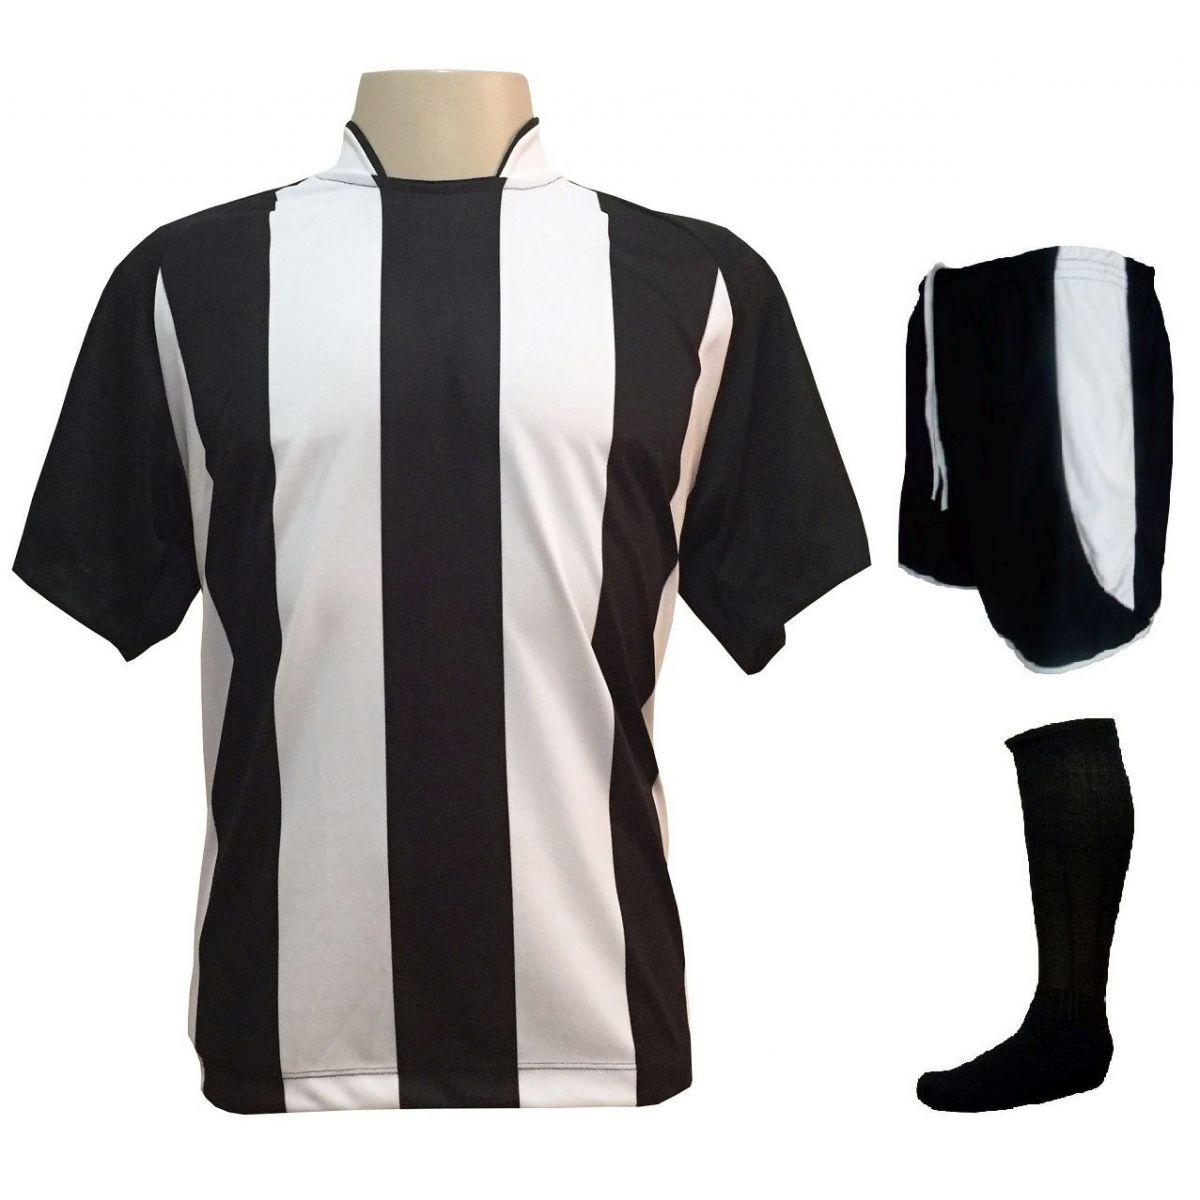 Fardamento Completo modelo Milan 12+1 (12 Camisas Preto/Branco + 12 Calções Preto/Branco + 12 Pares de Meiões Pretos + 1 Conjunto de Goleiro) + Brindes